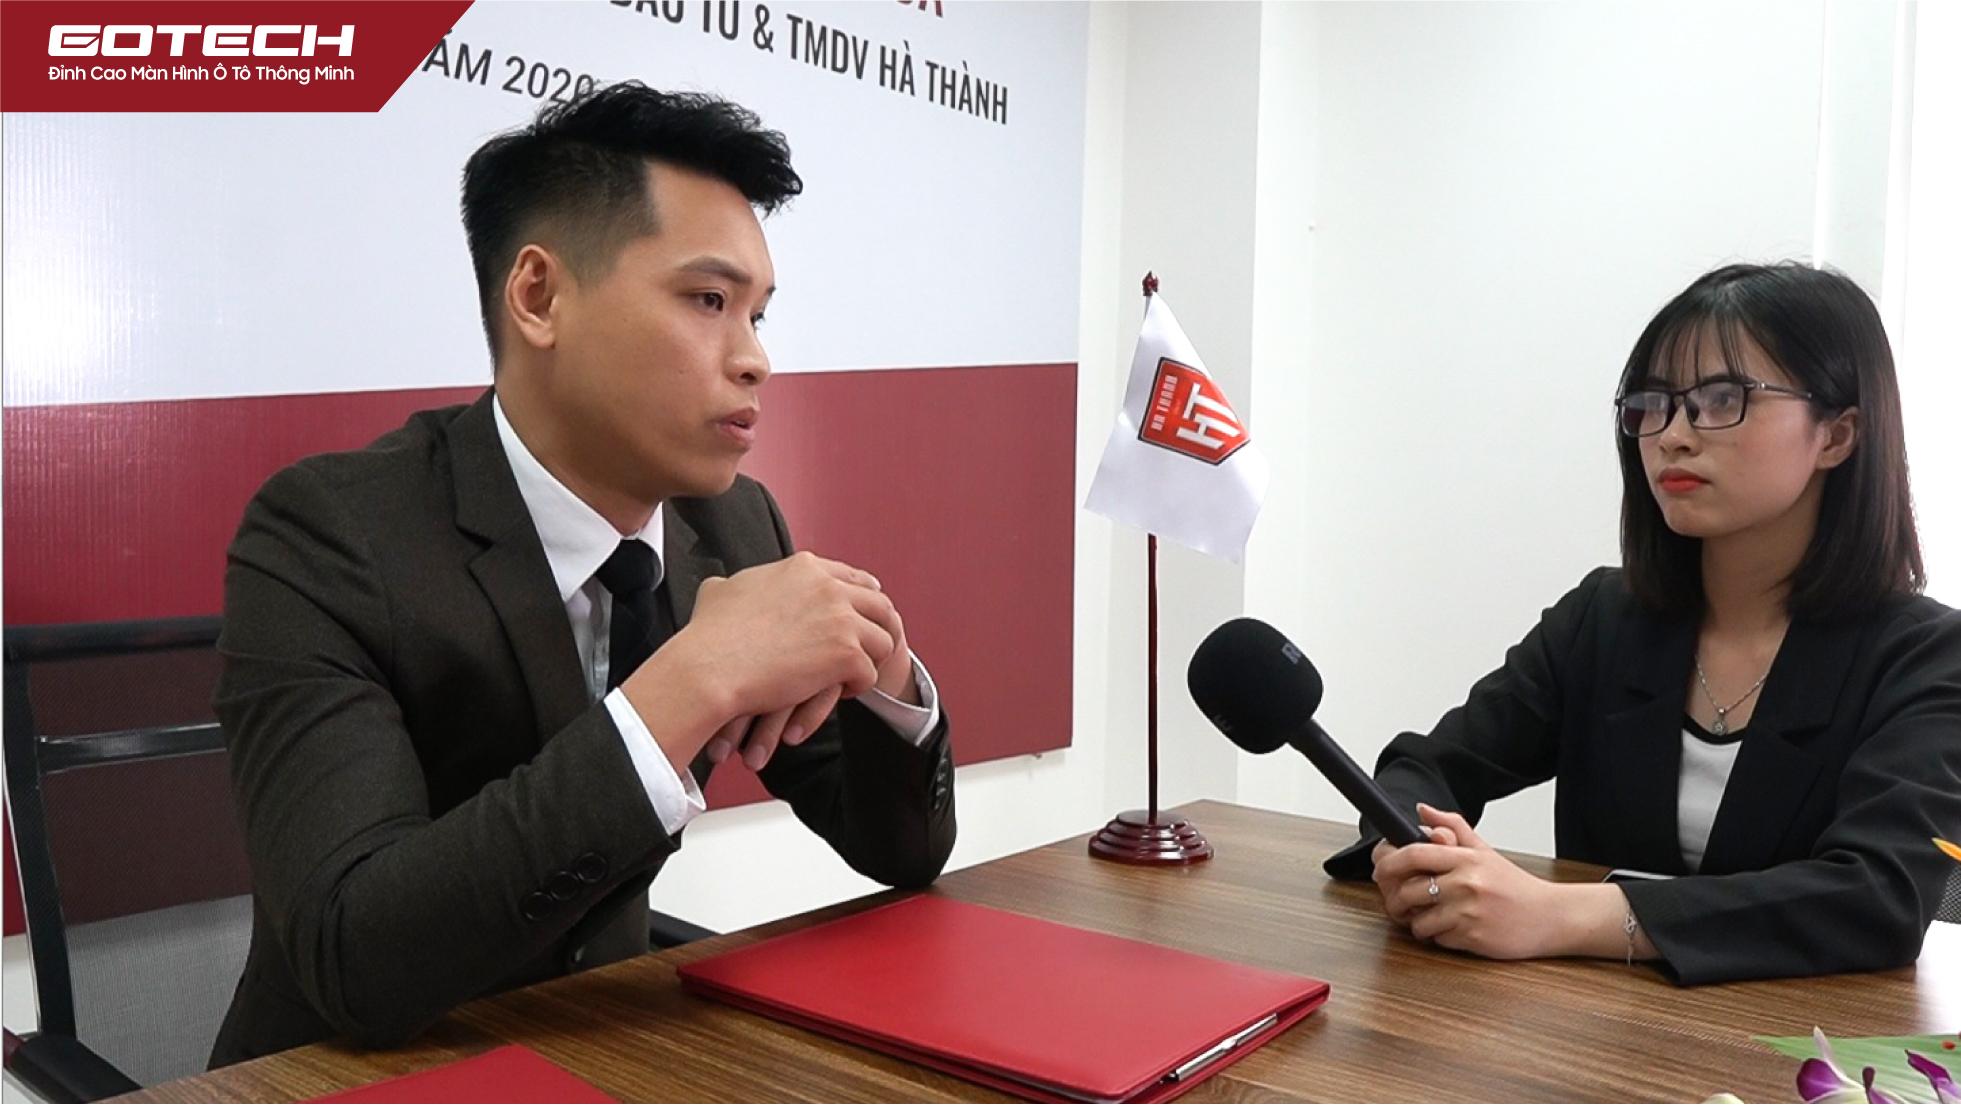 Ông Nguyễn Ngọc Hà - Tổng giám đốc Hà Thành kỳ vọng hai đơn vị sẽ có những bước phát triển đột phá